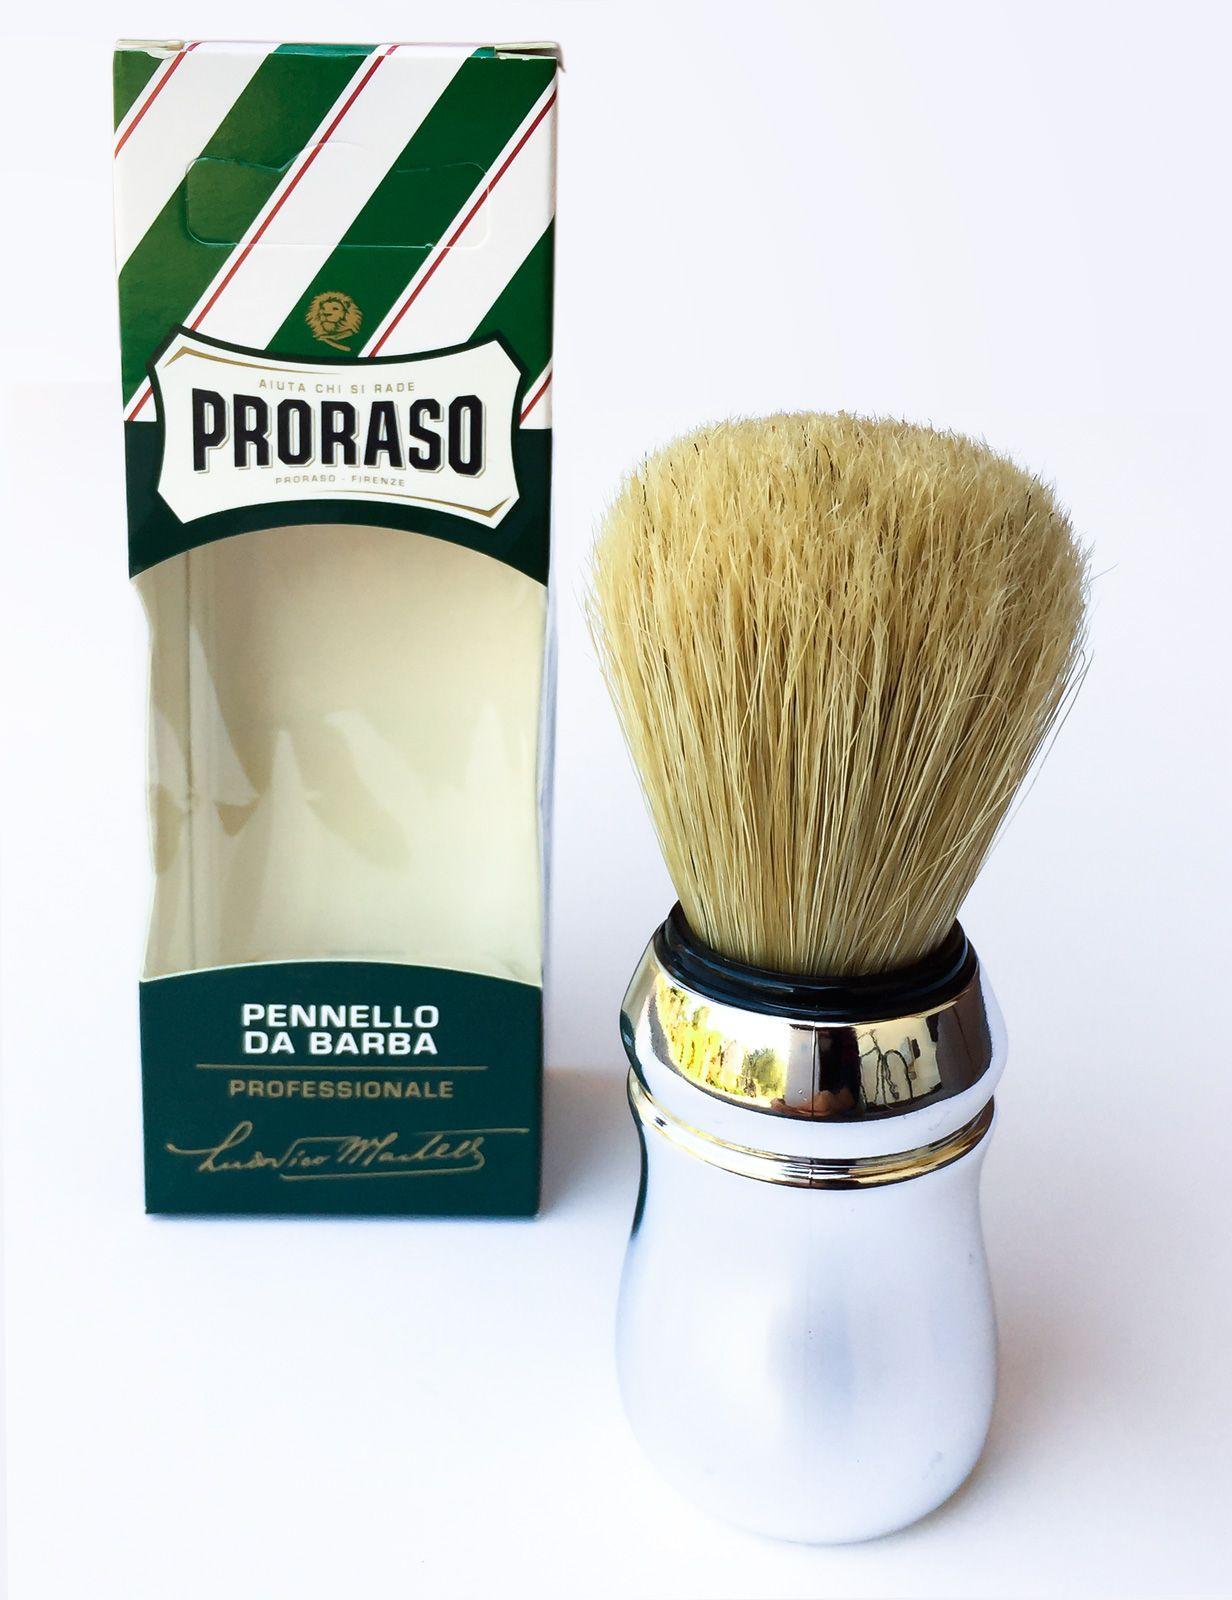 You are currently viewing Proraso Penello da Barba Professionale – recenzja pędzla do golenia